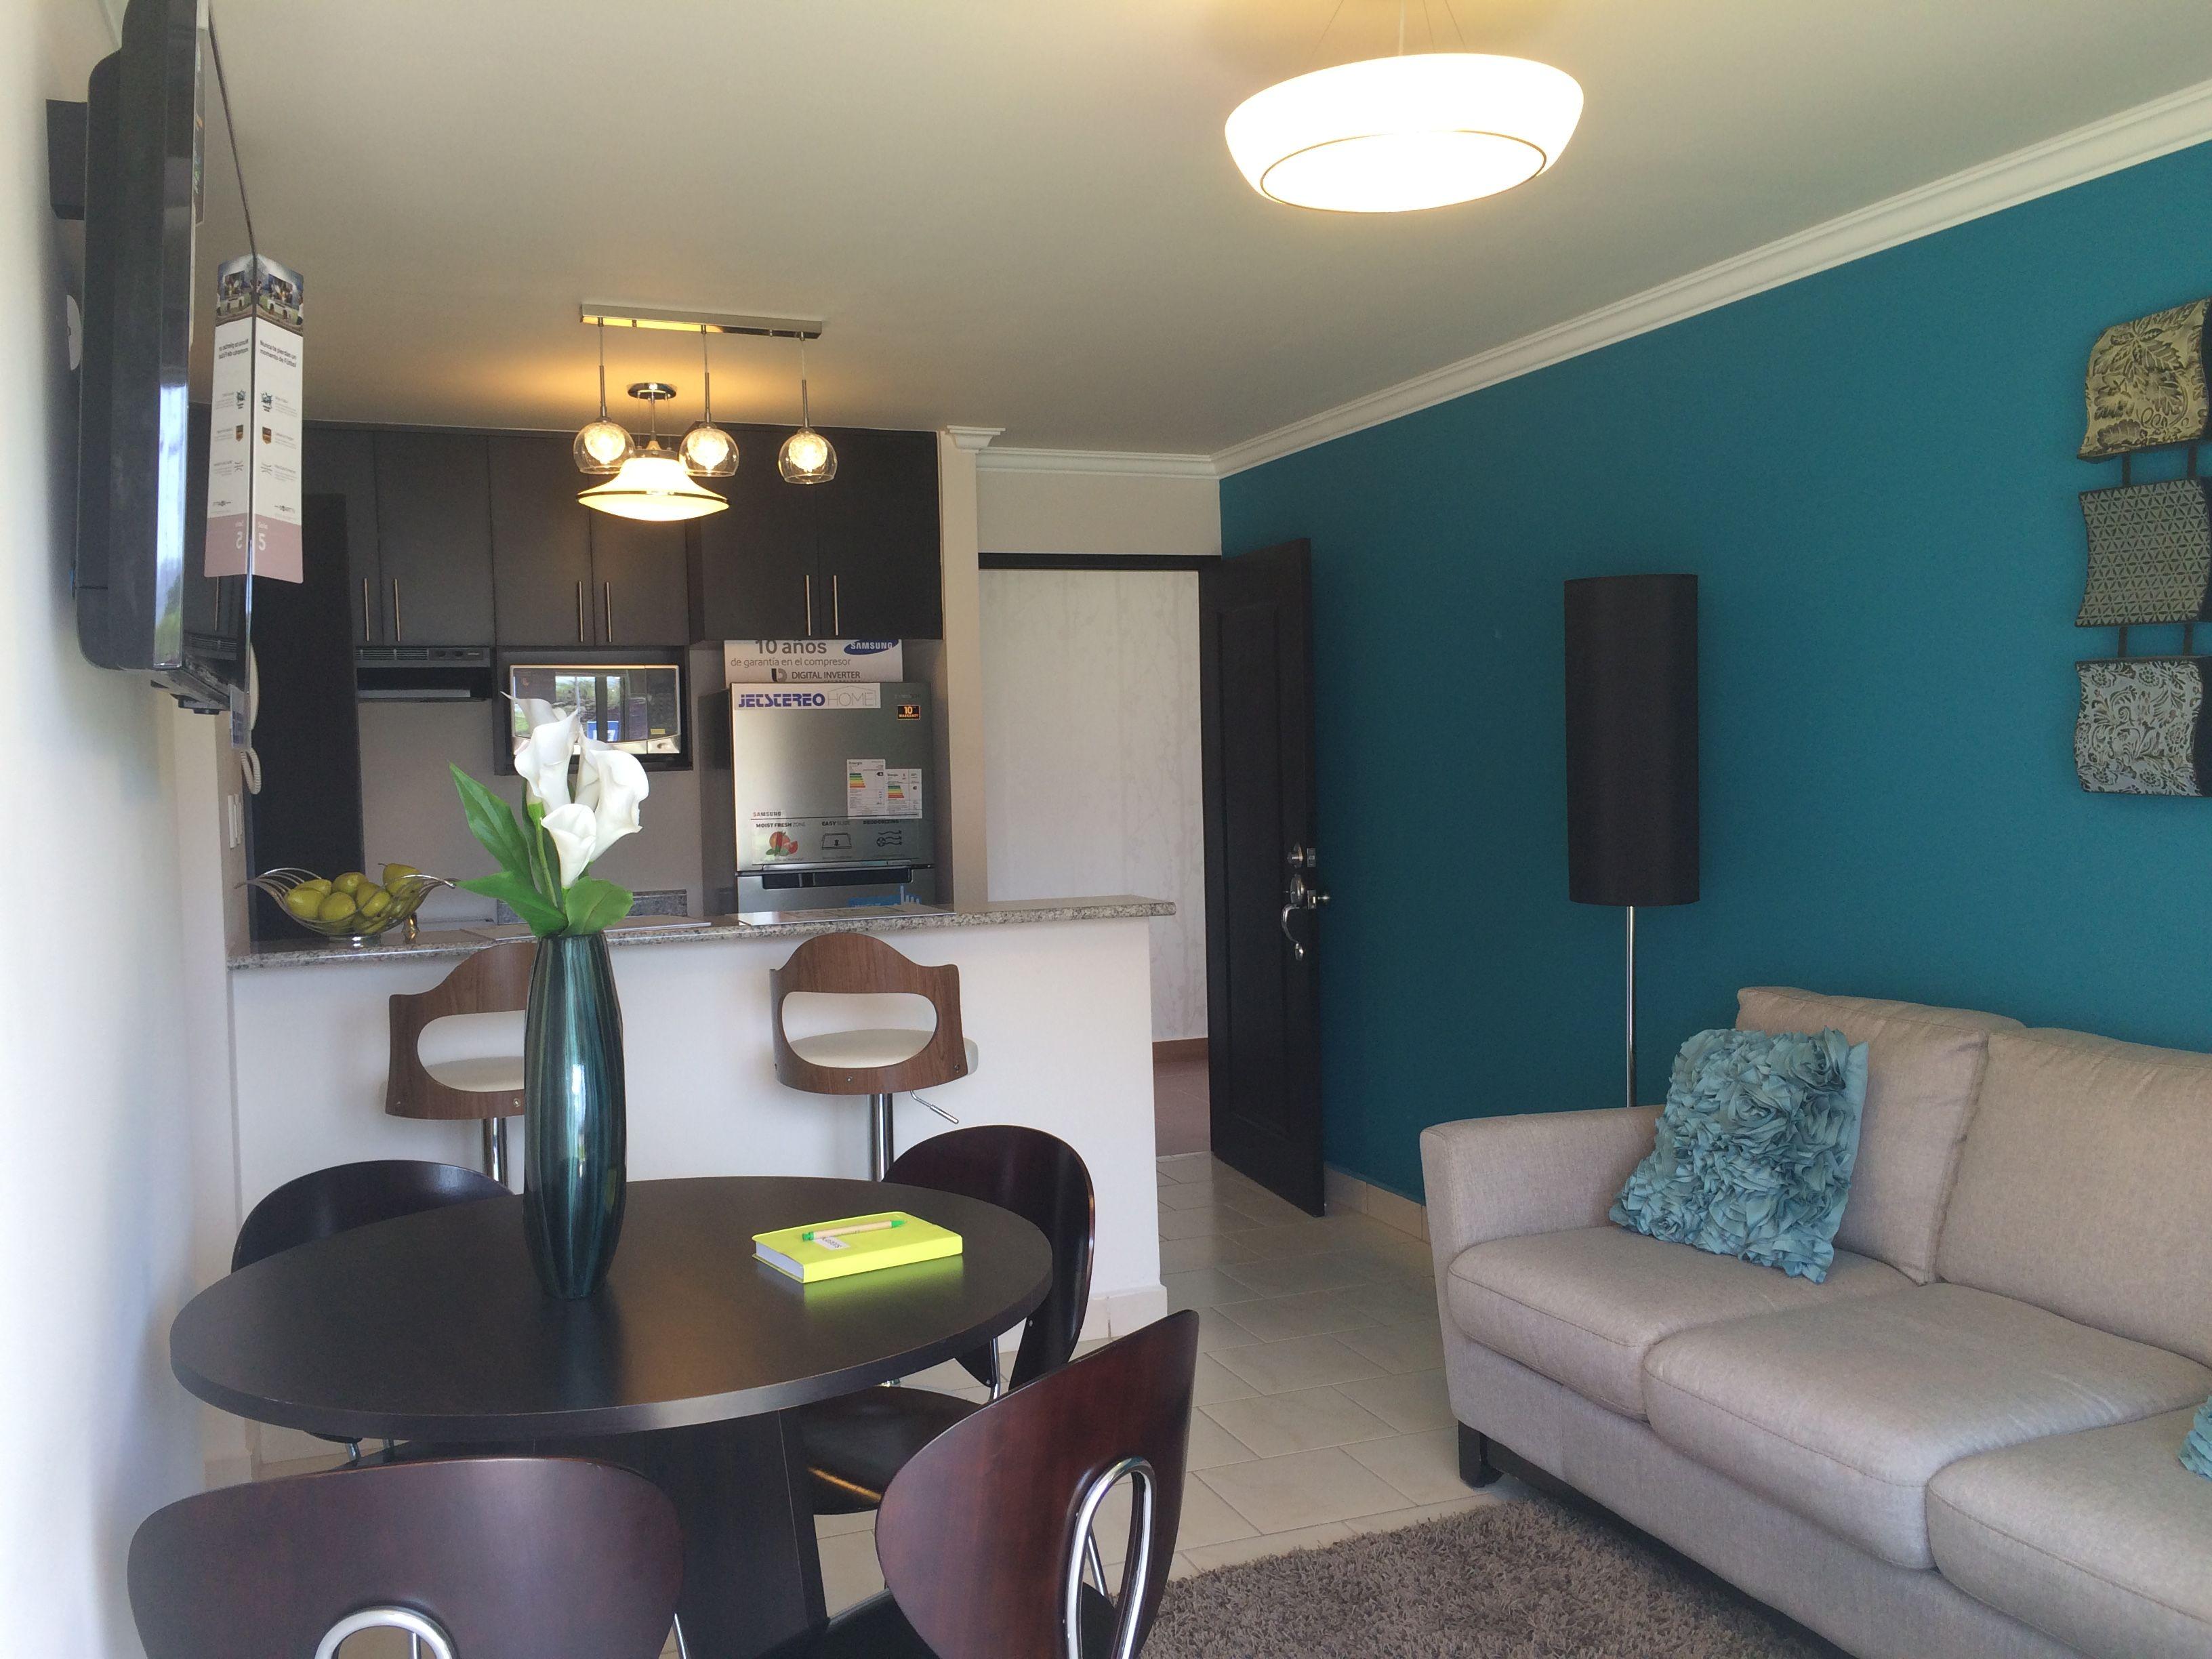 Sala comedor al estilo moderno, los colores de la decoración ...